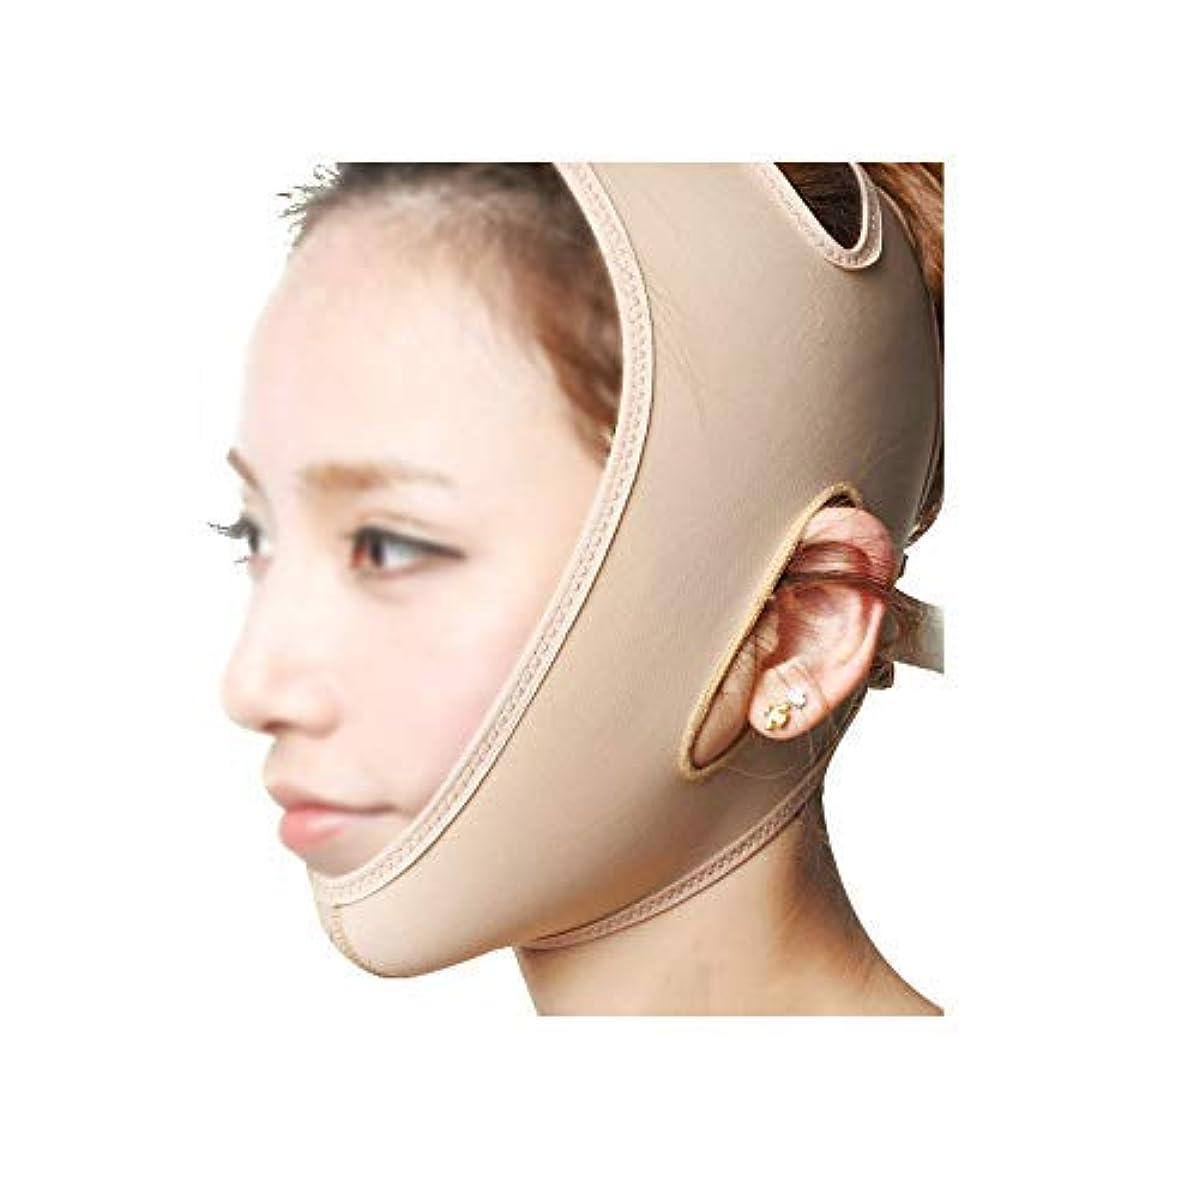 怠惰汚す下位フェイスリフティングバンデージ、フェイスマスク3Dパネルデザイン、通気性のある非通気性、高弾性ライクラ生地フィジカルVフェイス、美しい顔の輪郭を作成(サイズ:S)